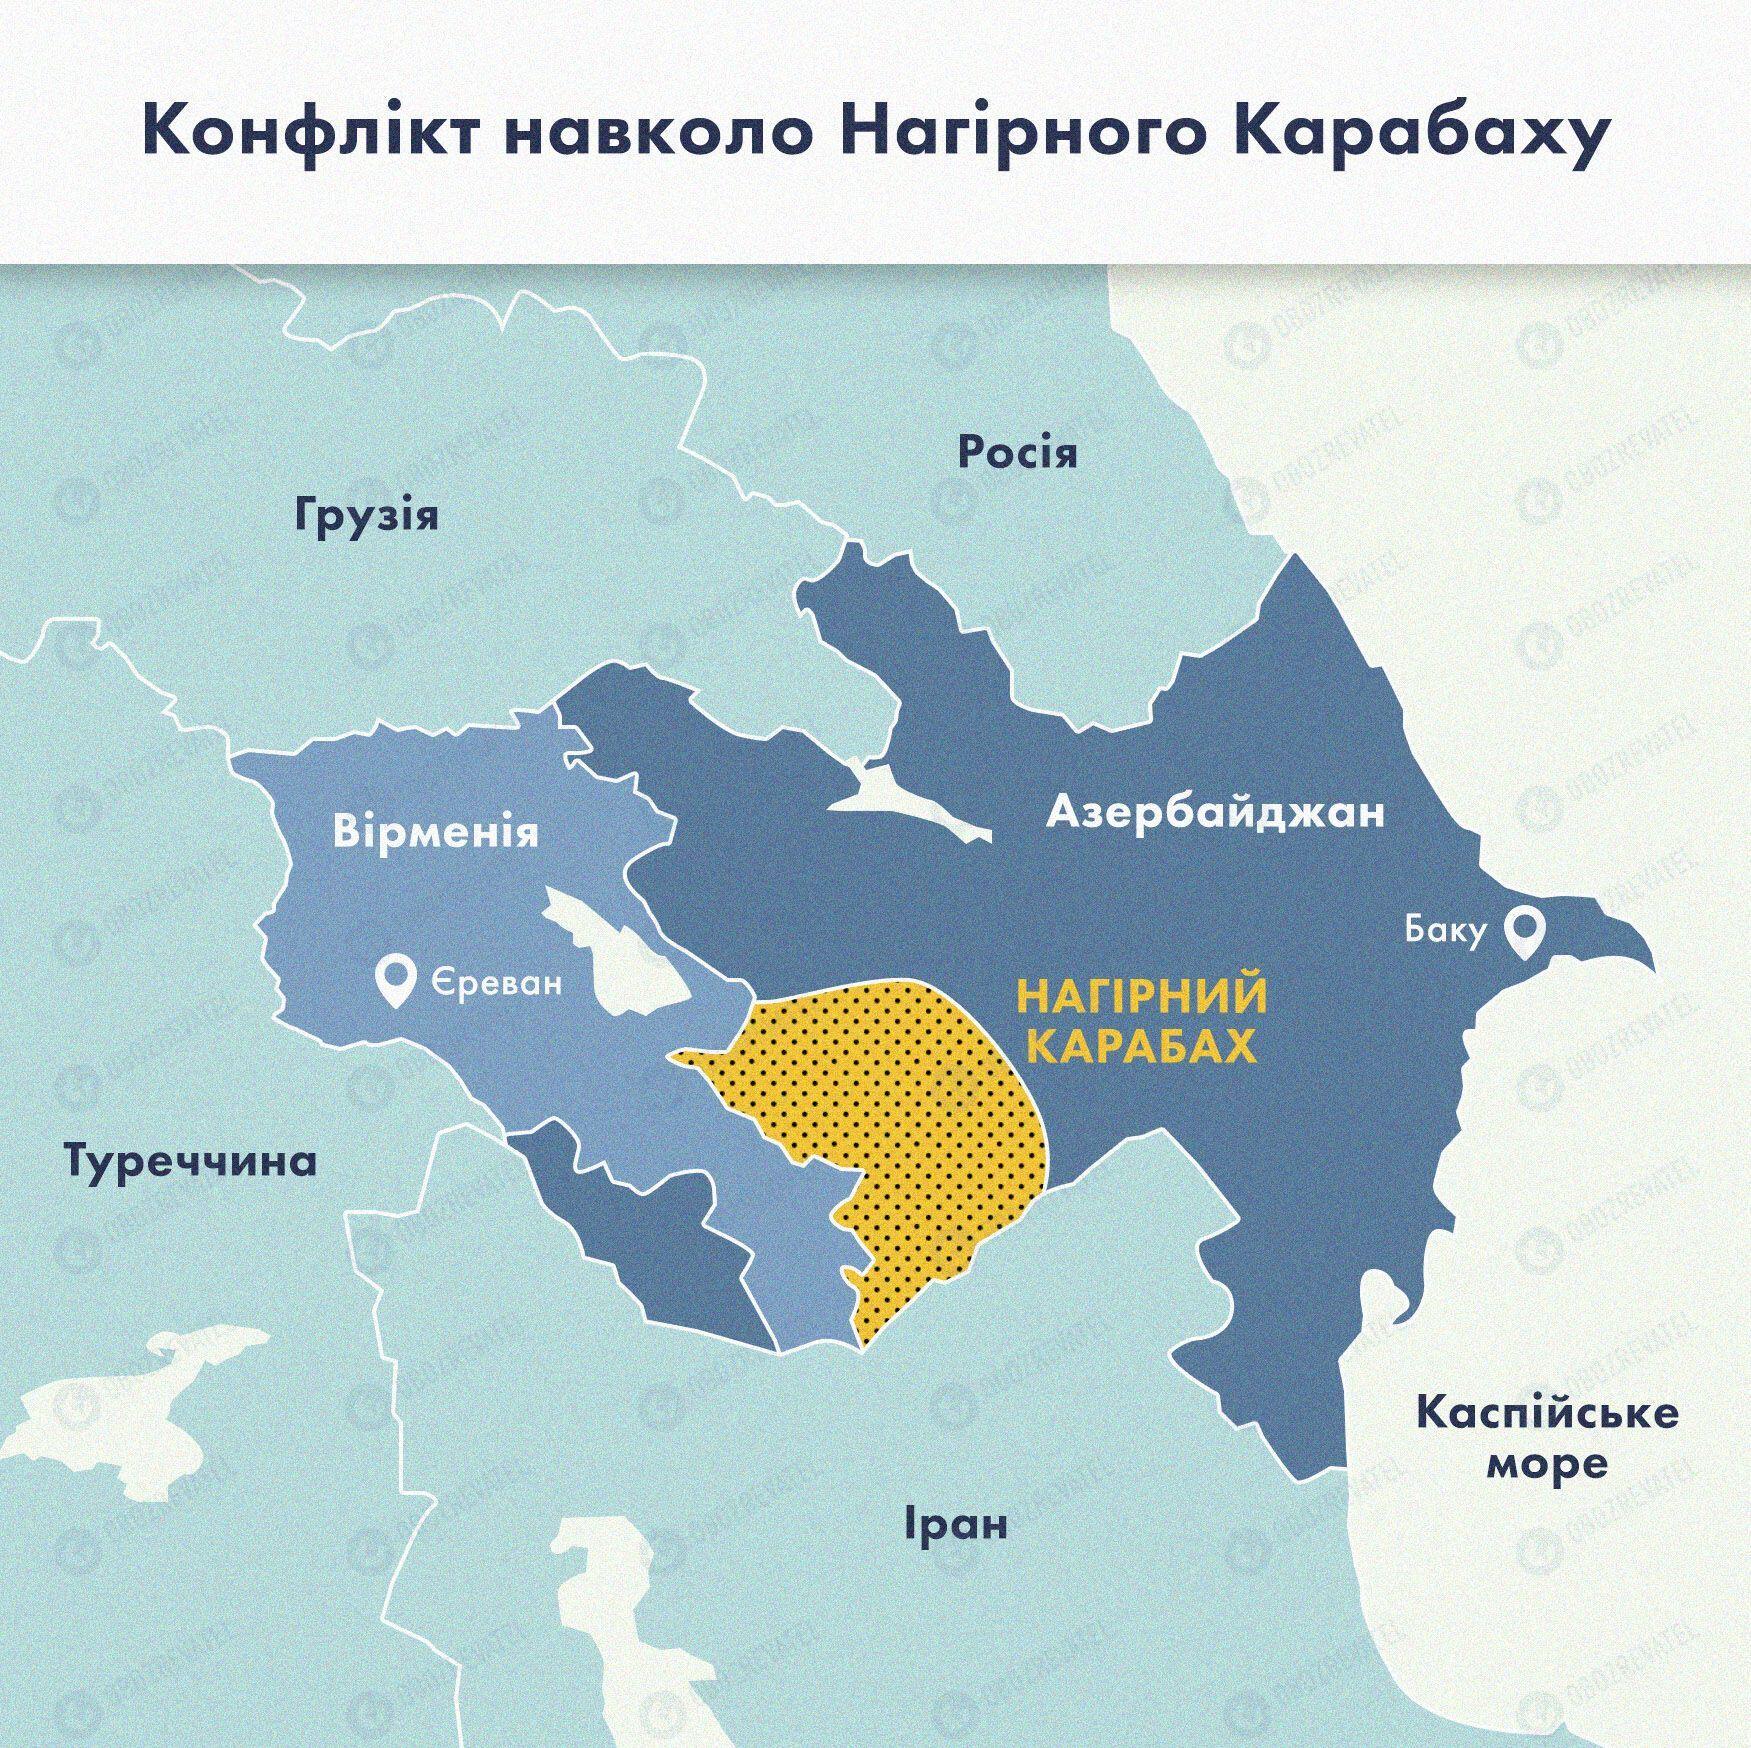 Карта конфликта вокруг Нагорного Карабаха.